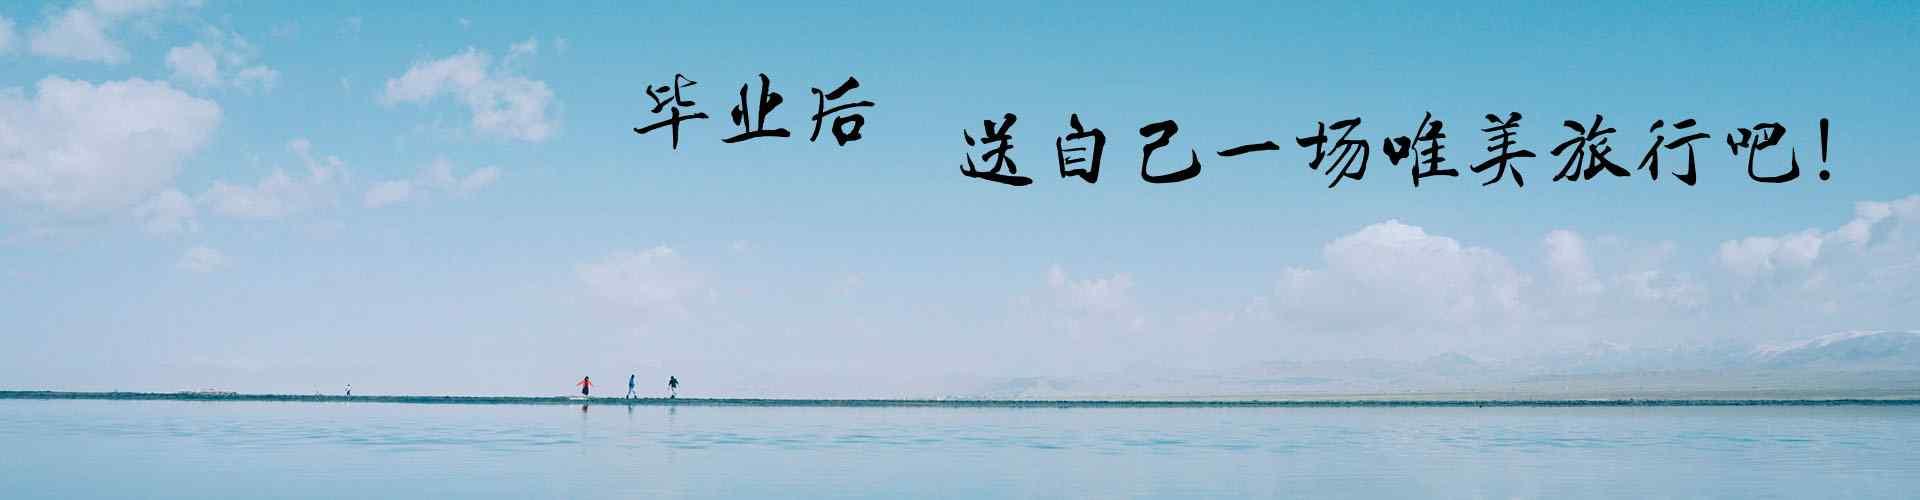 六大毕业旅行地合集_鼓浪屿_青海_桂林_西藏_九寨沟_长白山